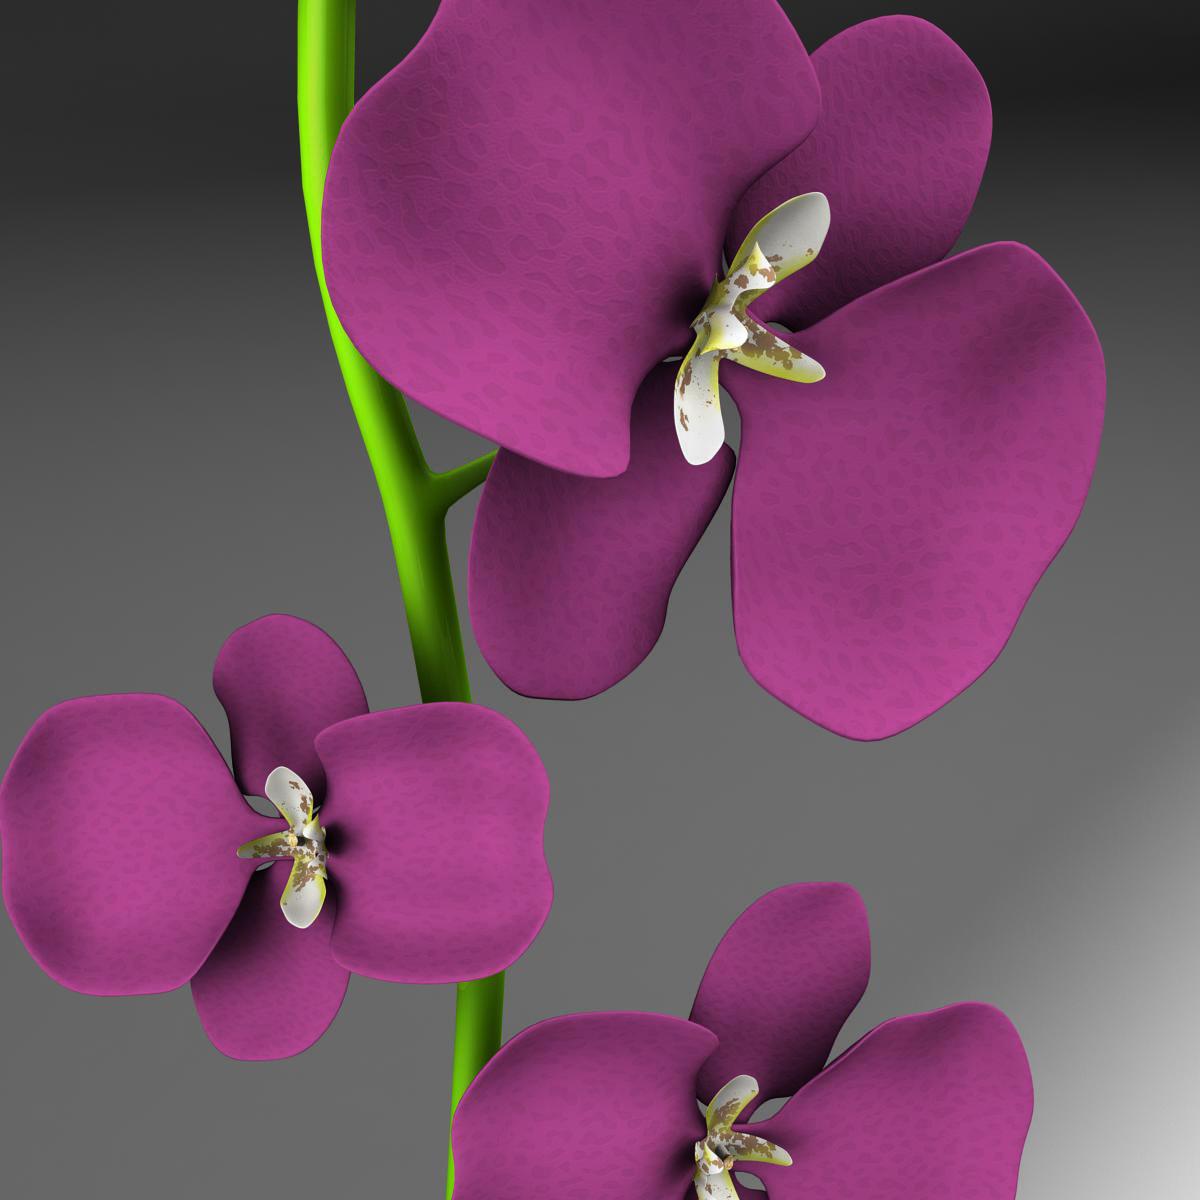 cvijetna baza 3d model 3ds max fbx ma mb obj 158097